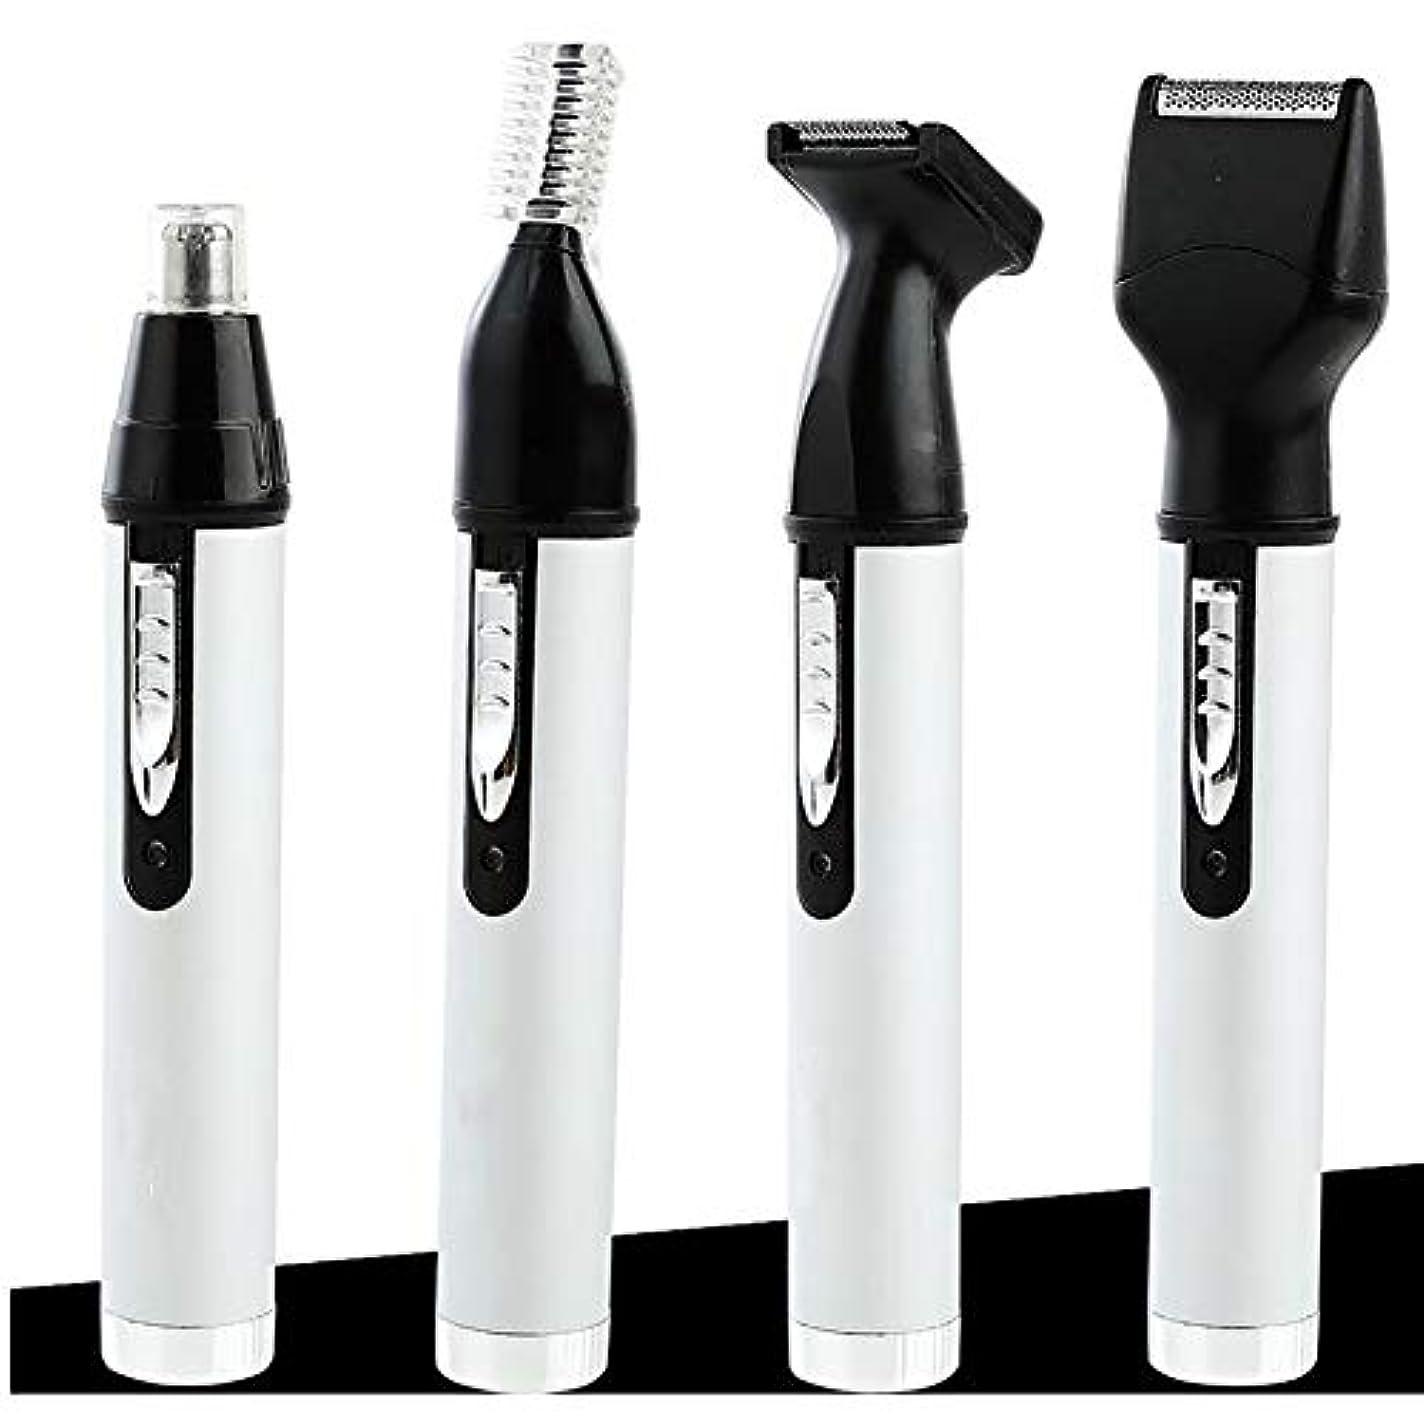 いいね排出スクリーチ男性用女性用鼻毛トリマー、4つのうち1つの再充電可能なプロフェッショナル電動眉毛と顔用ヘアトリマー、湿/乾(白)